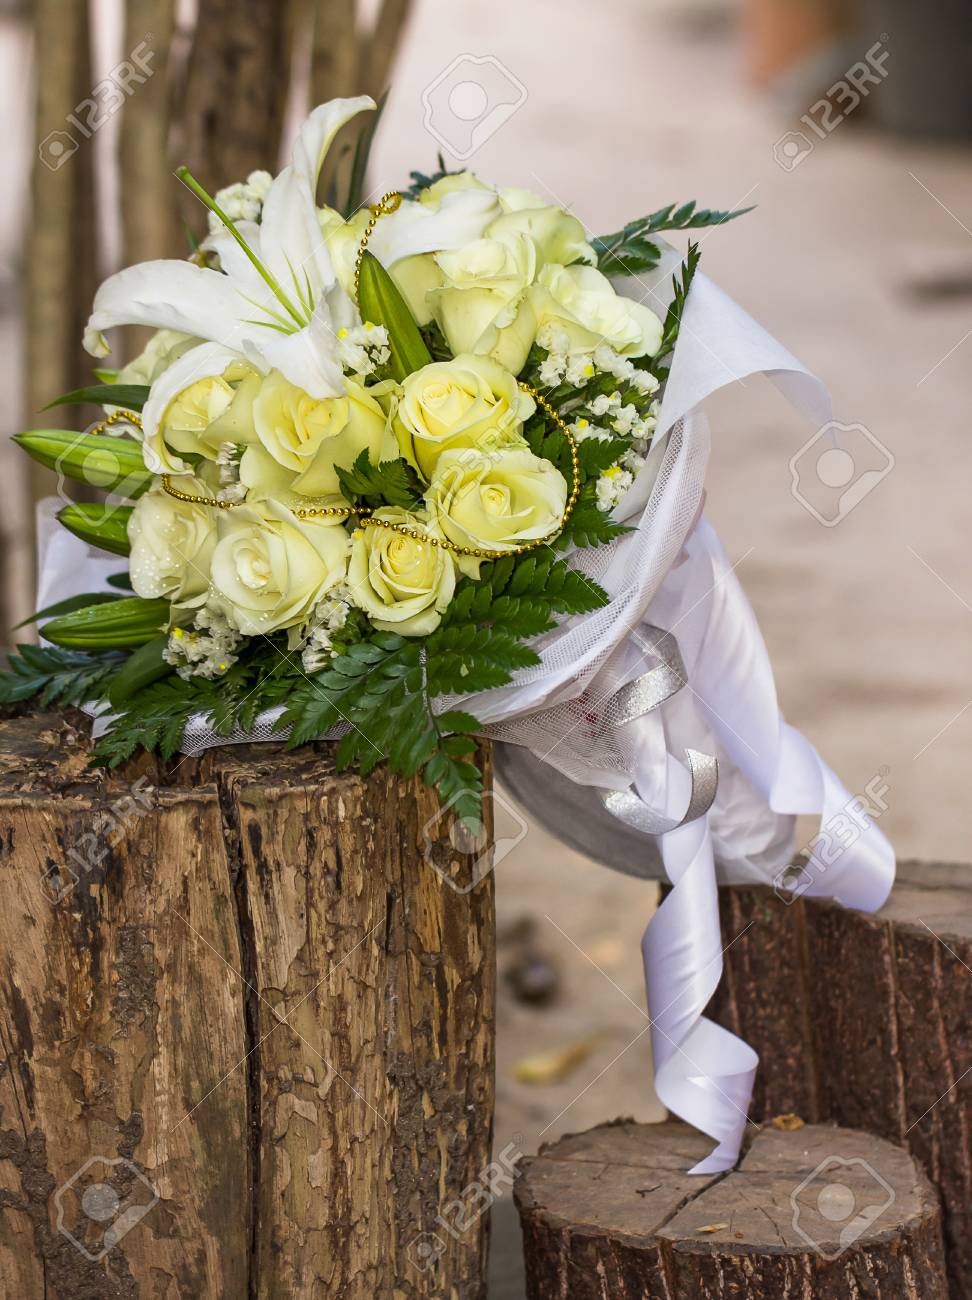 Hochzeitsstrauss Aus Weissen Rosen Und Weisser Lilie Lizenzfreie Fotos